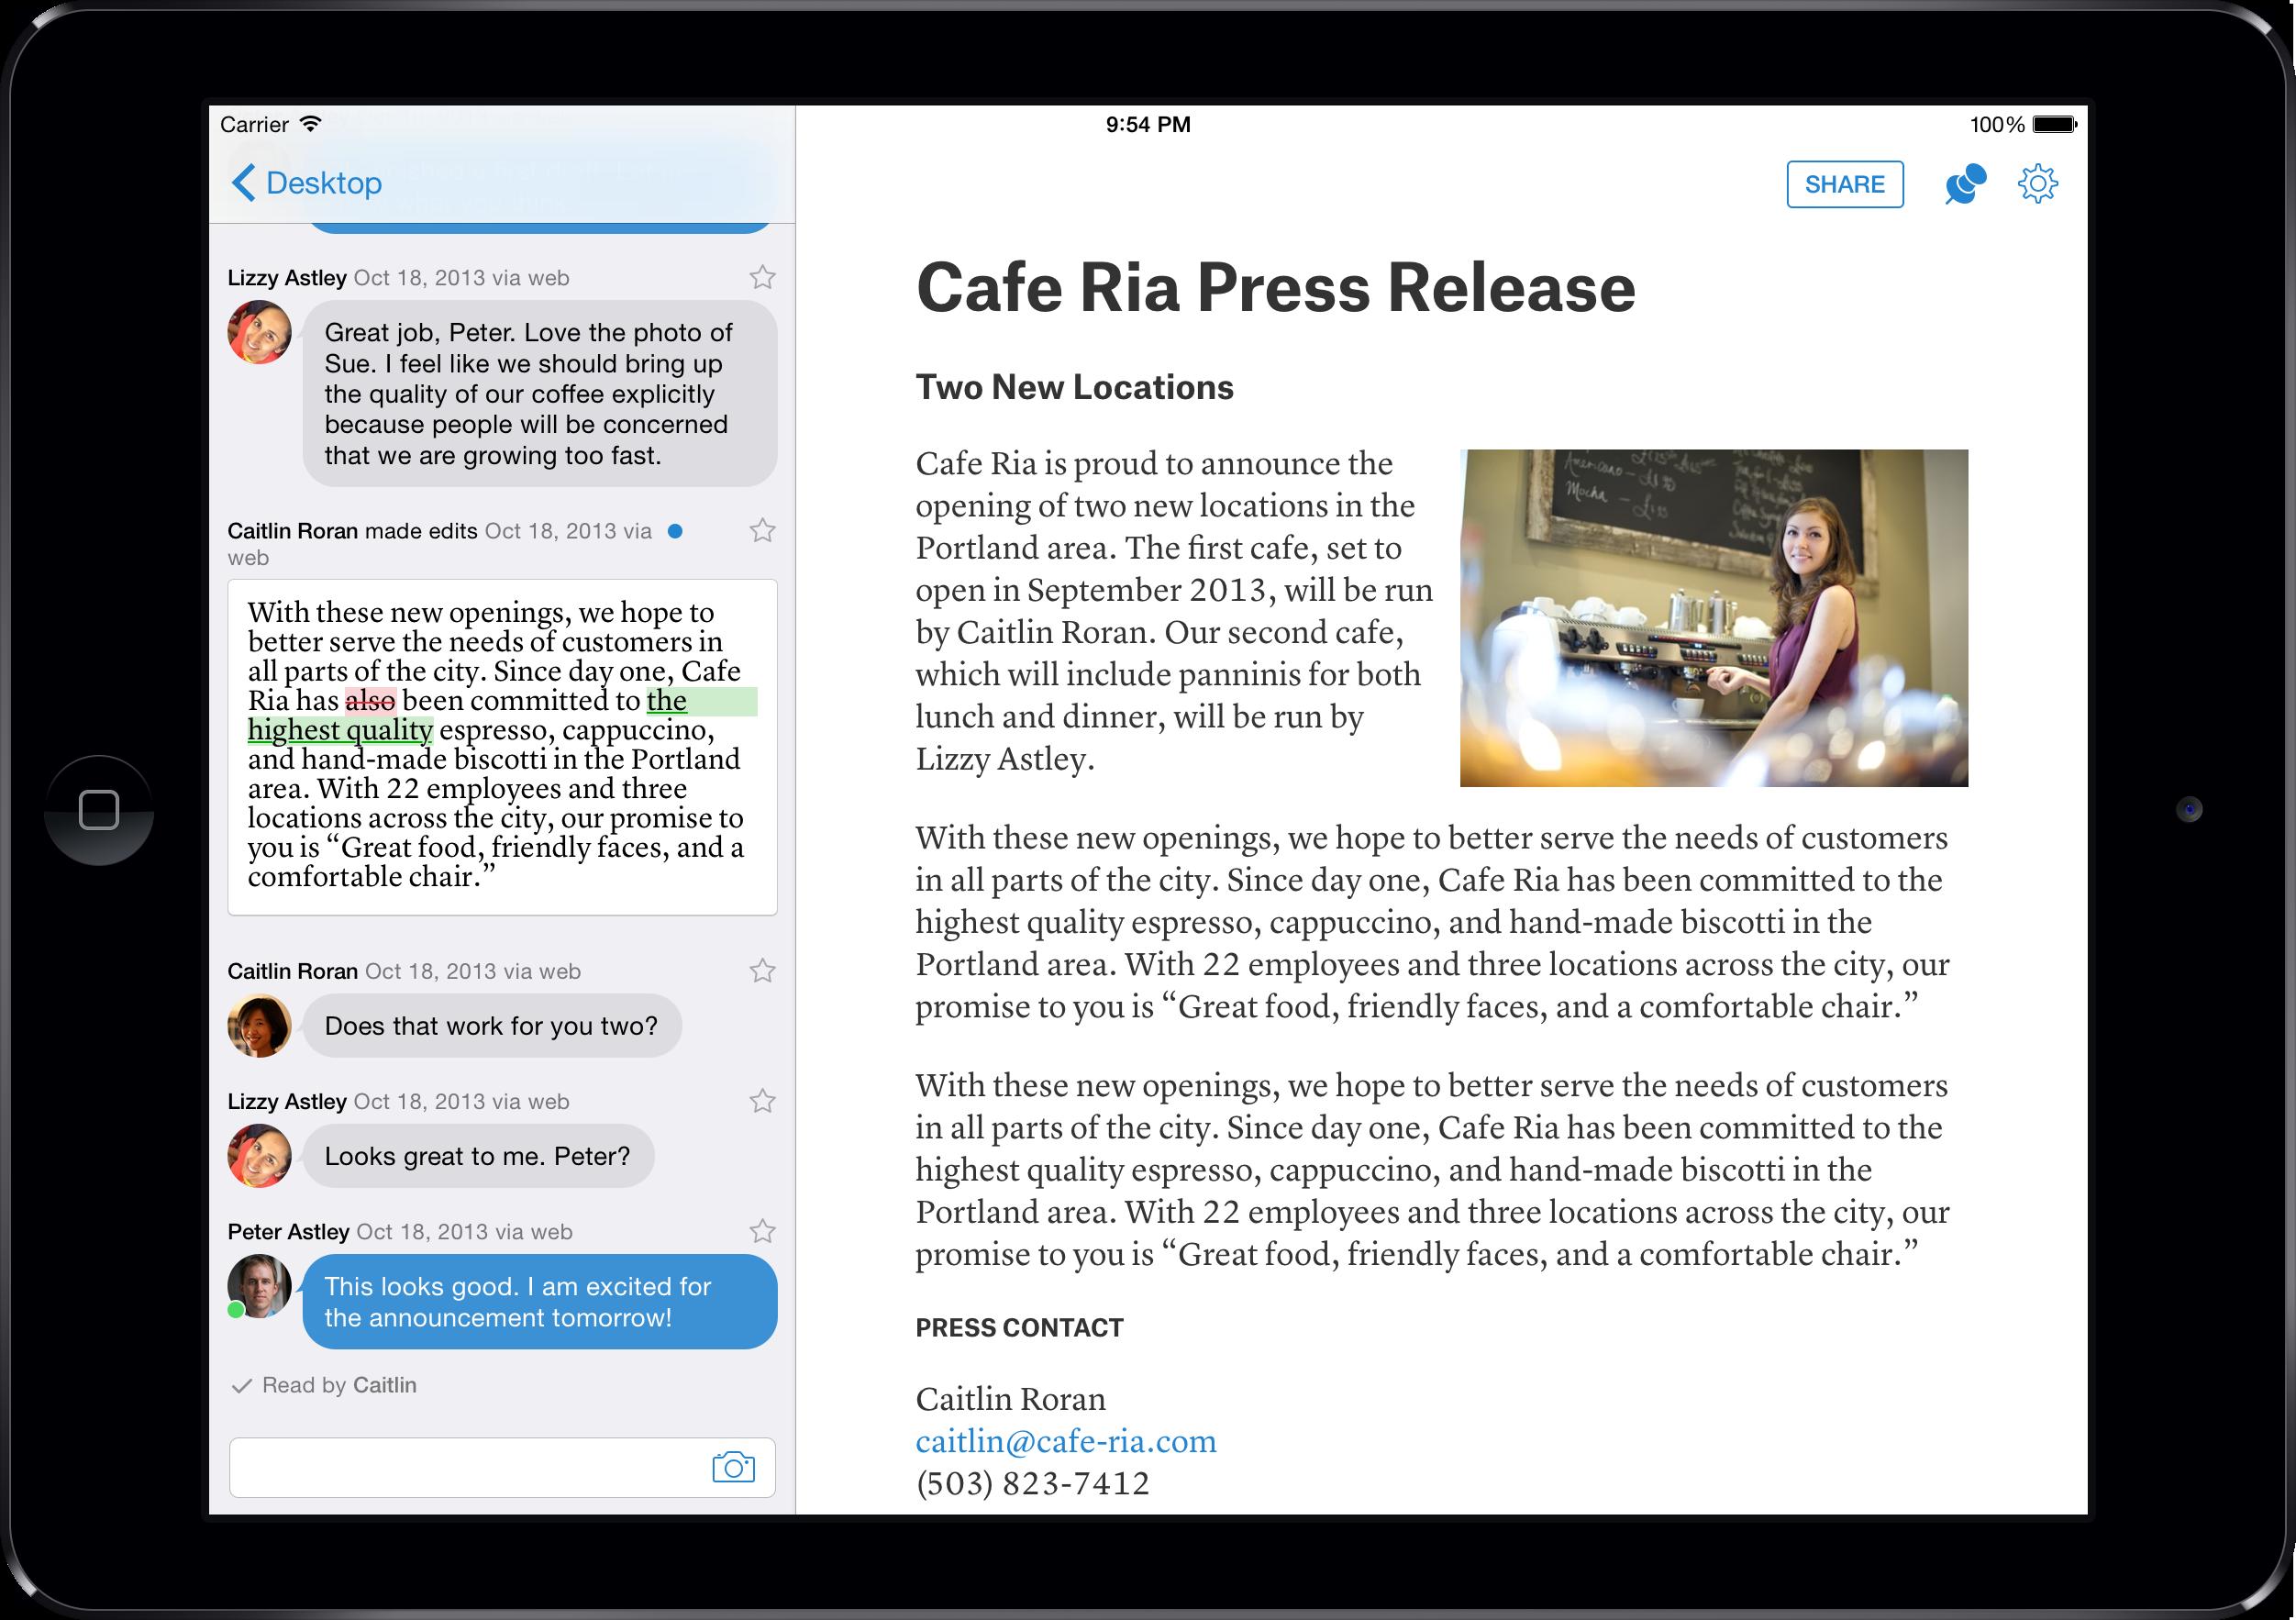 Quip-iPad-Professional